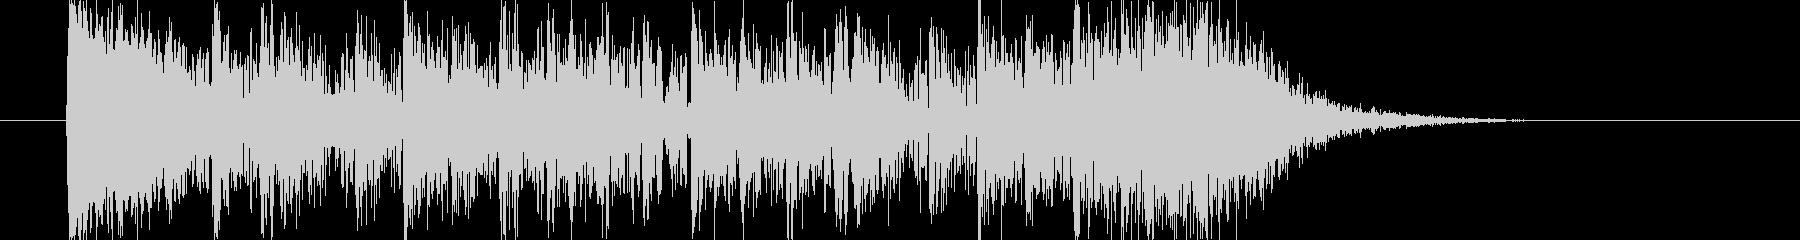 動きや勢いがありドラムが印象的なBGMの未再生の波形